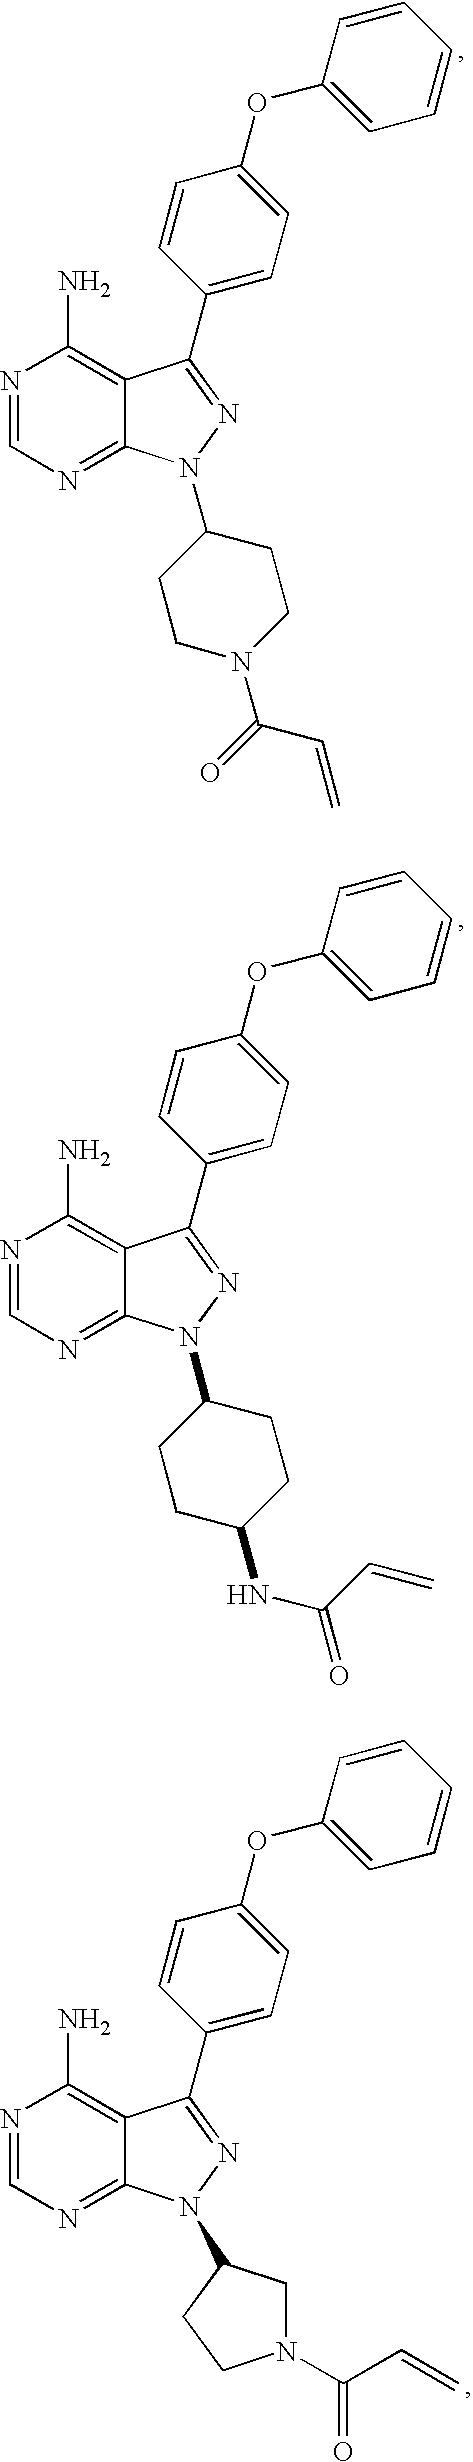 Figure US07514444-20090407-C00030